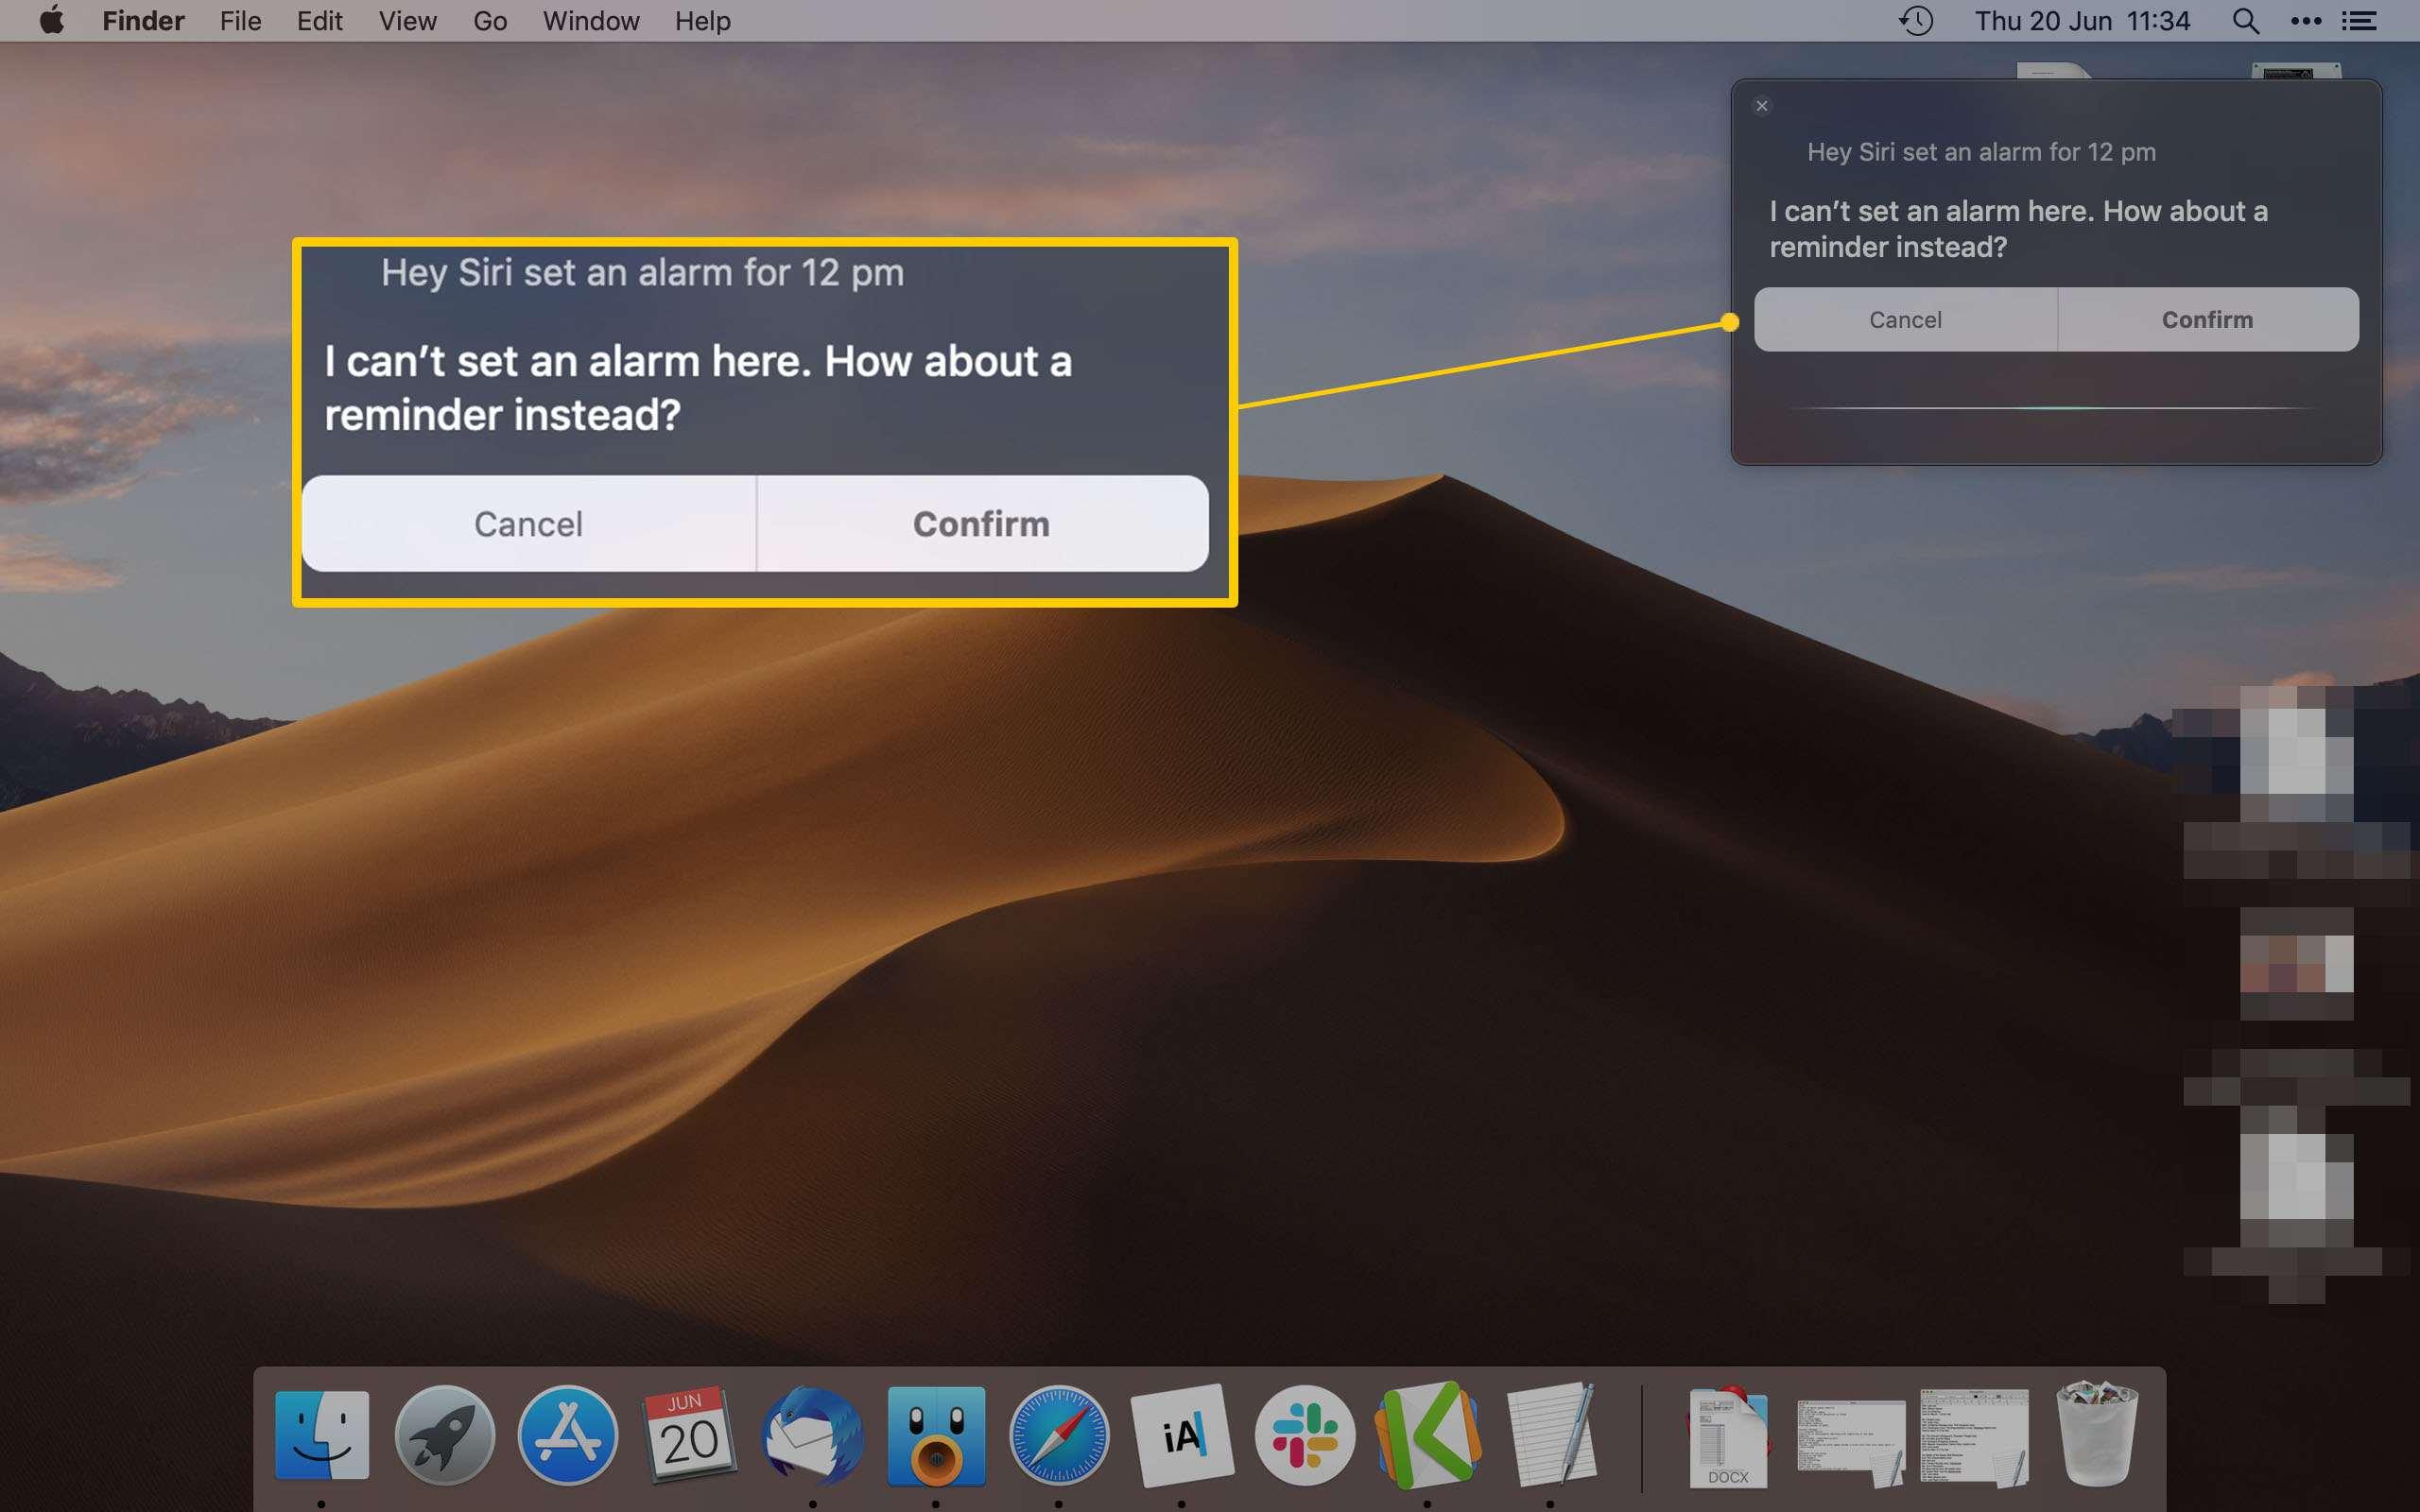 Mac Desktop displaying Siri setting a reminder